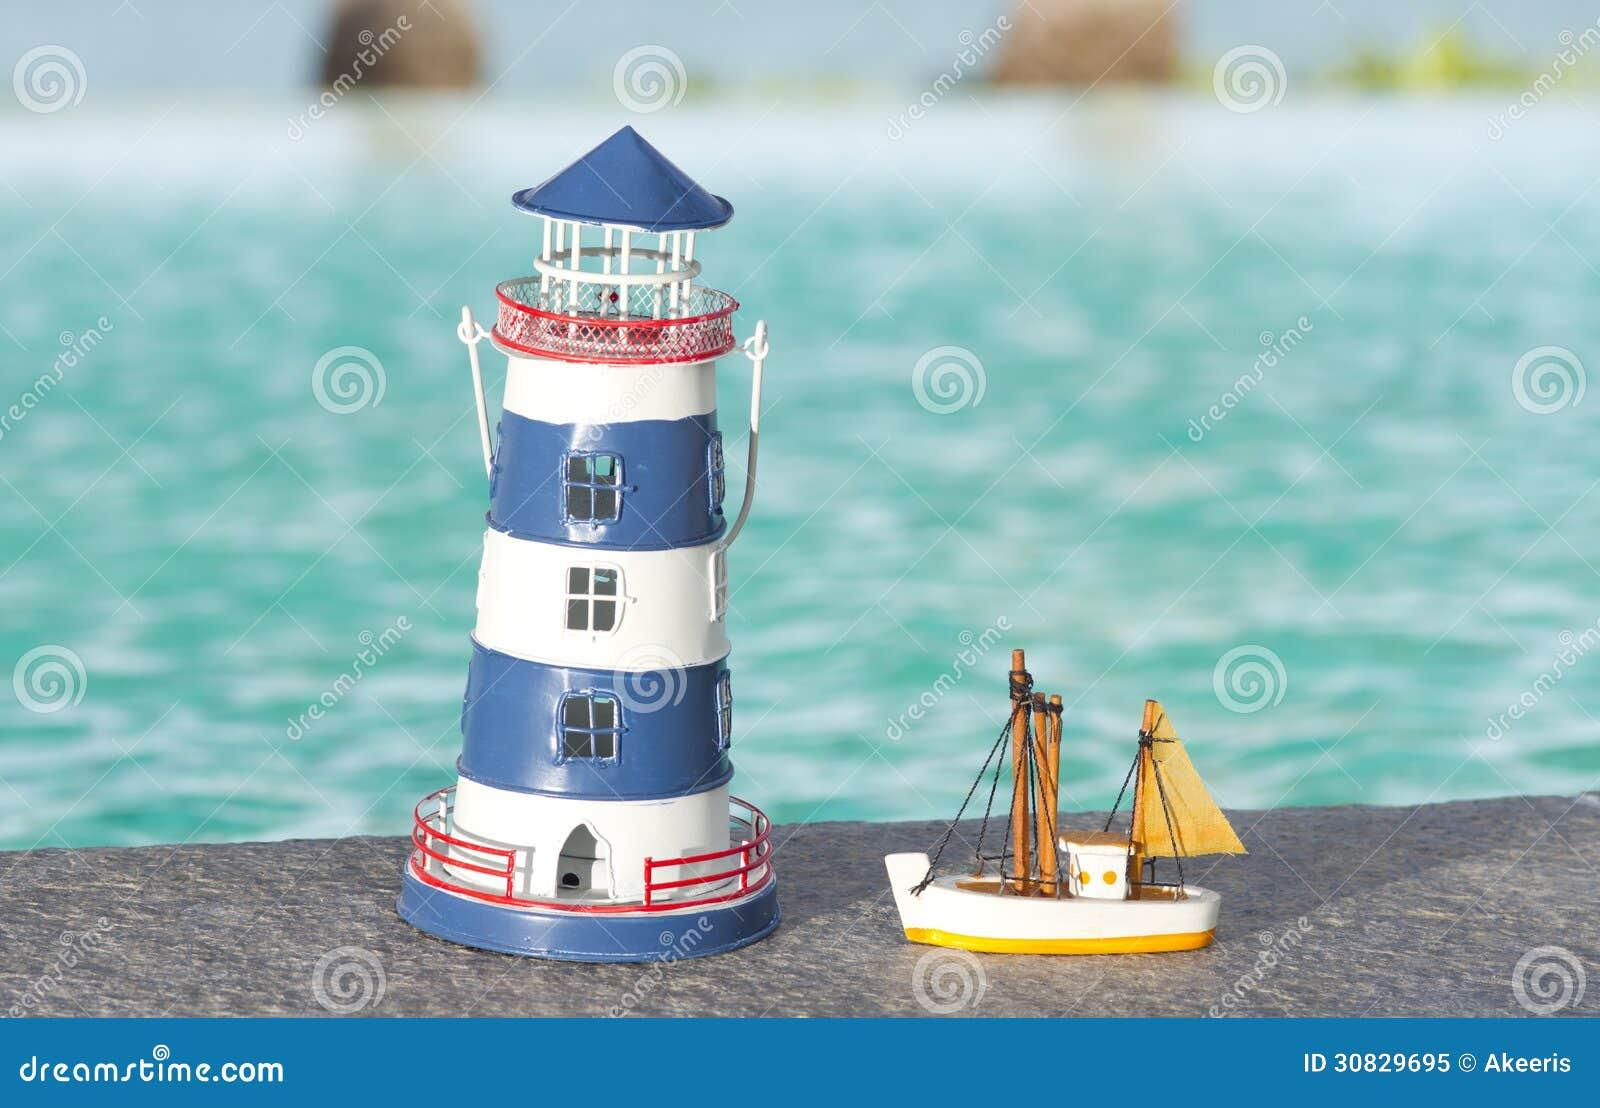 Toy lighthouse stock image. Image of antique, mini, model - 30829695